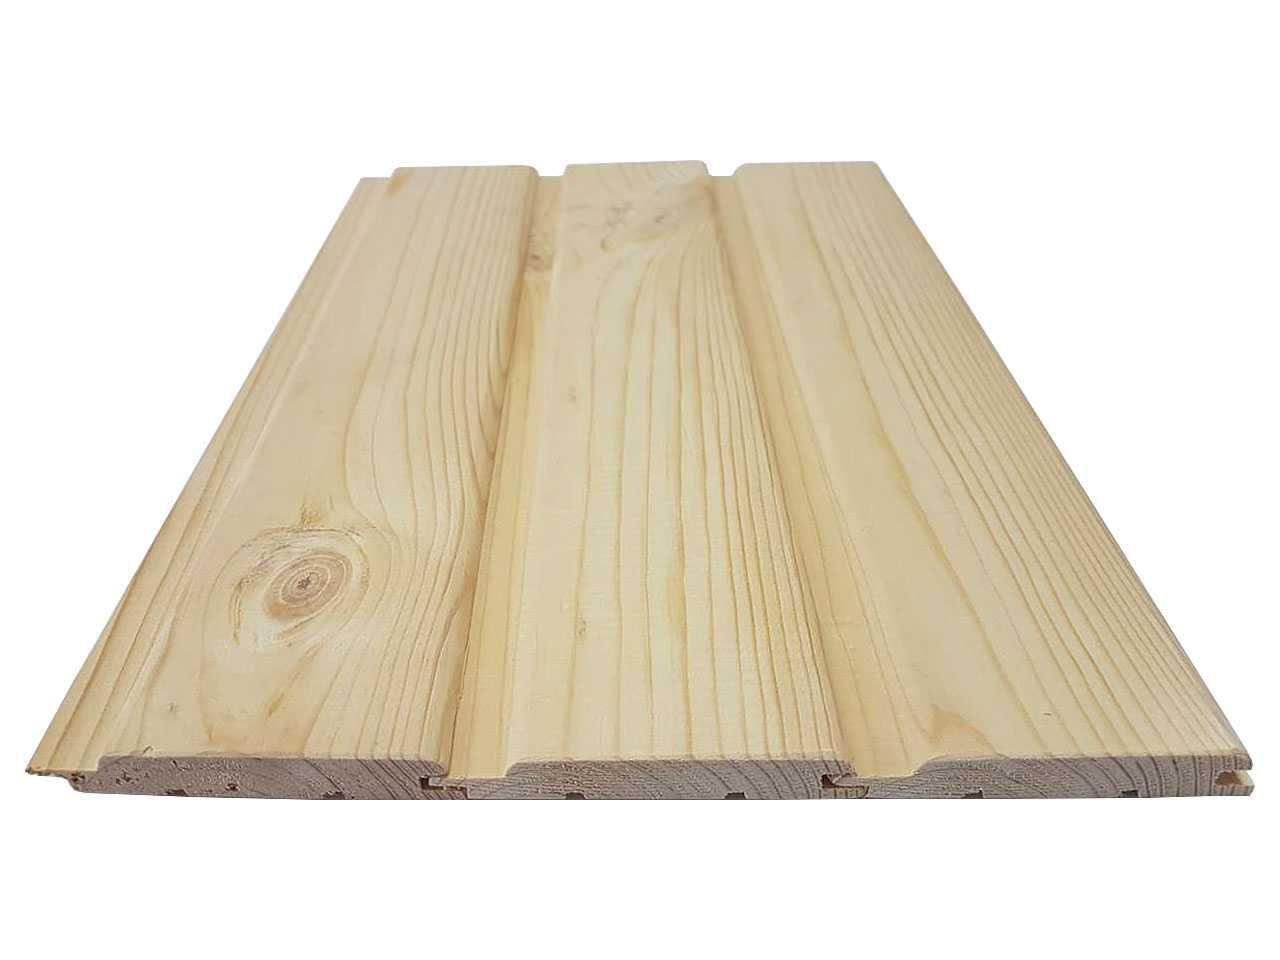 Вагонка деревянная сосна , Евровагонка от производителя! Качественный отделочный материал по лучшей цене.